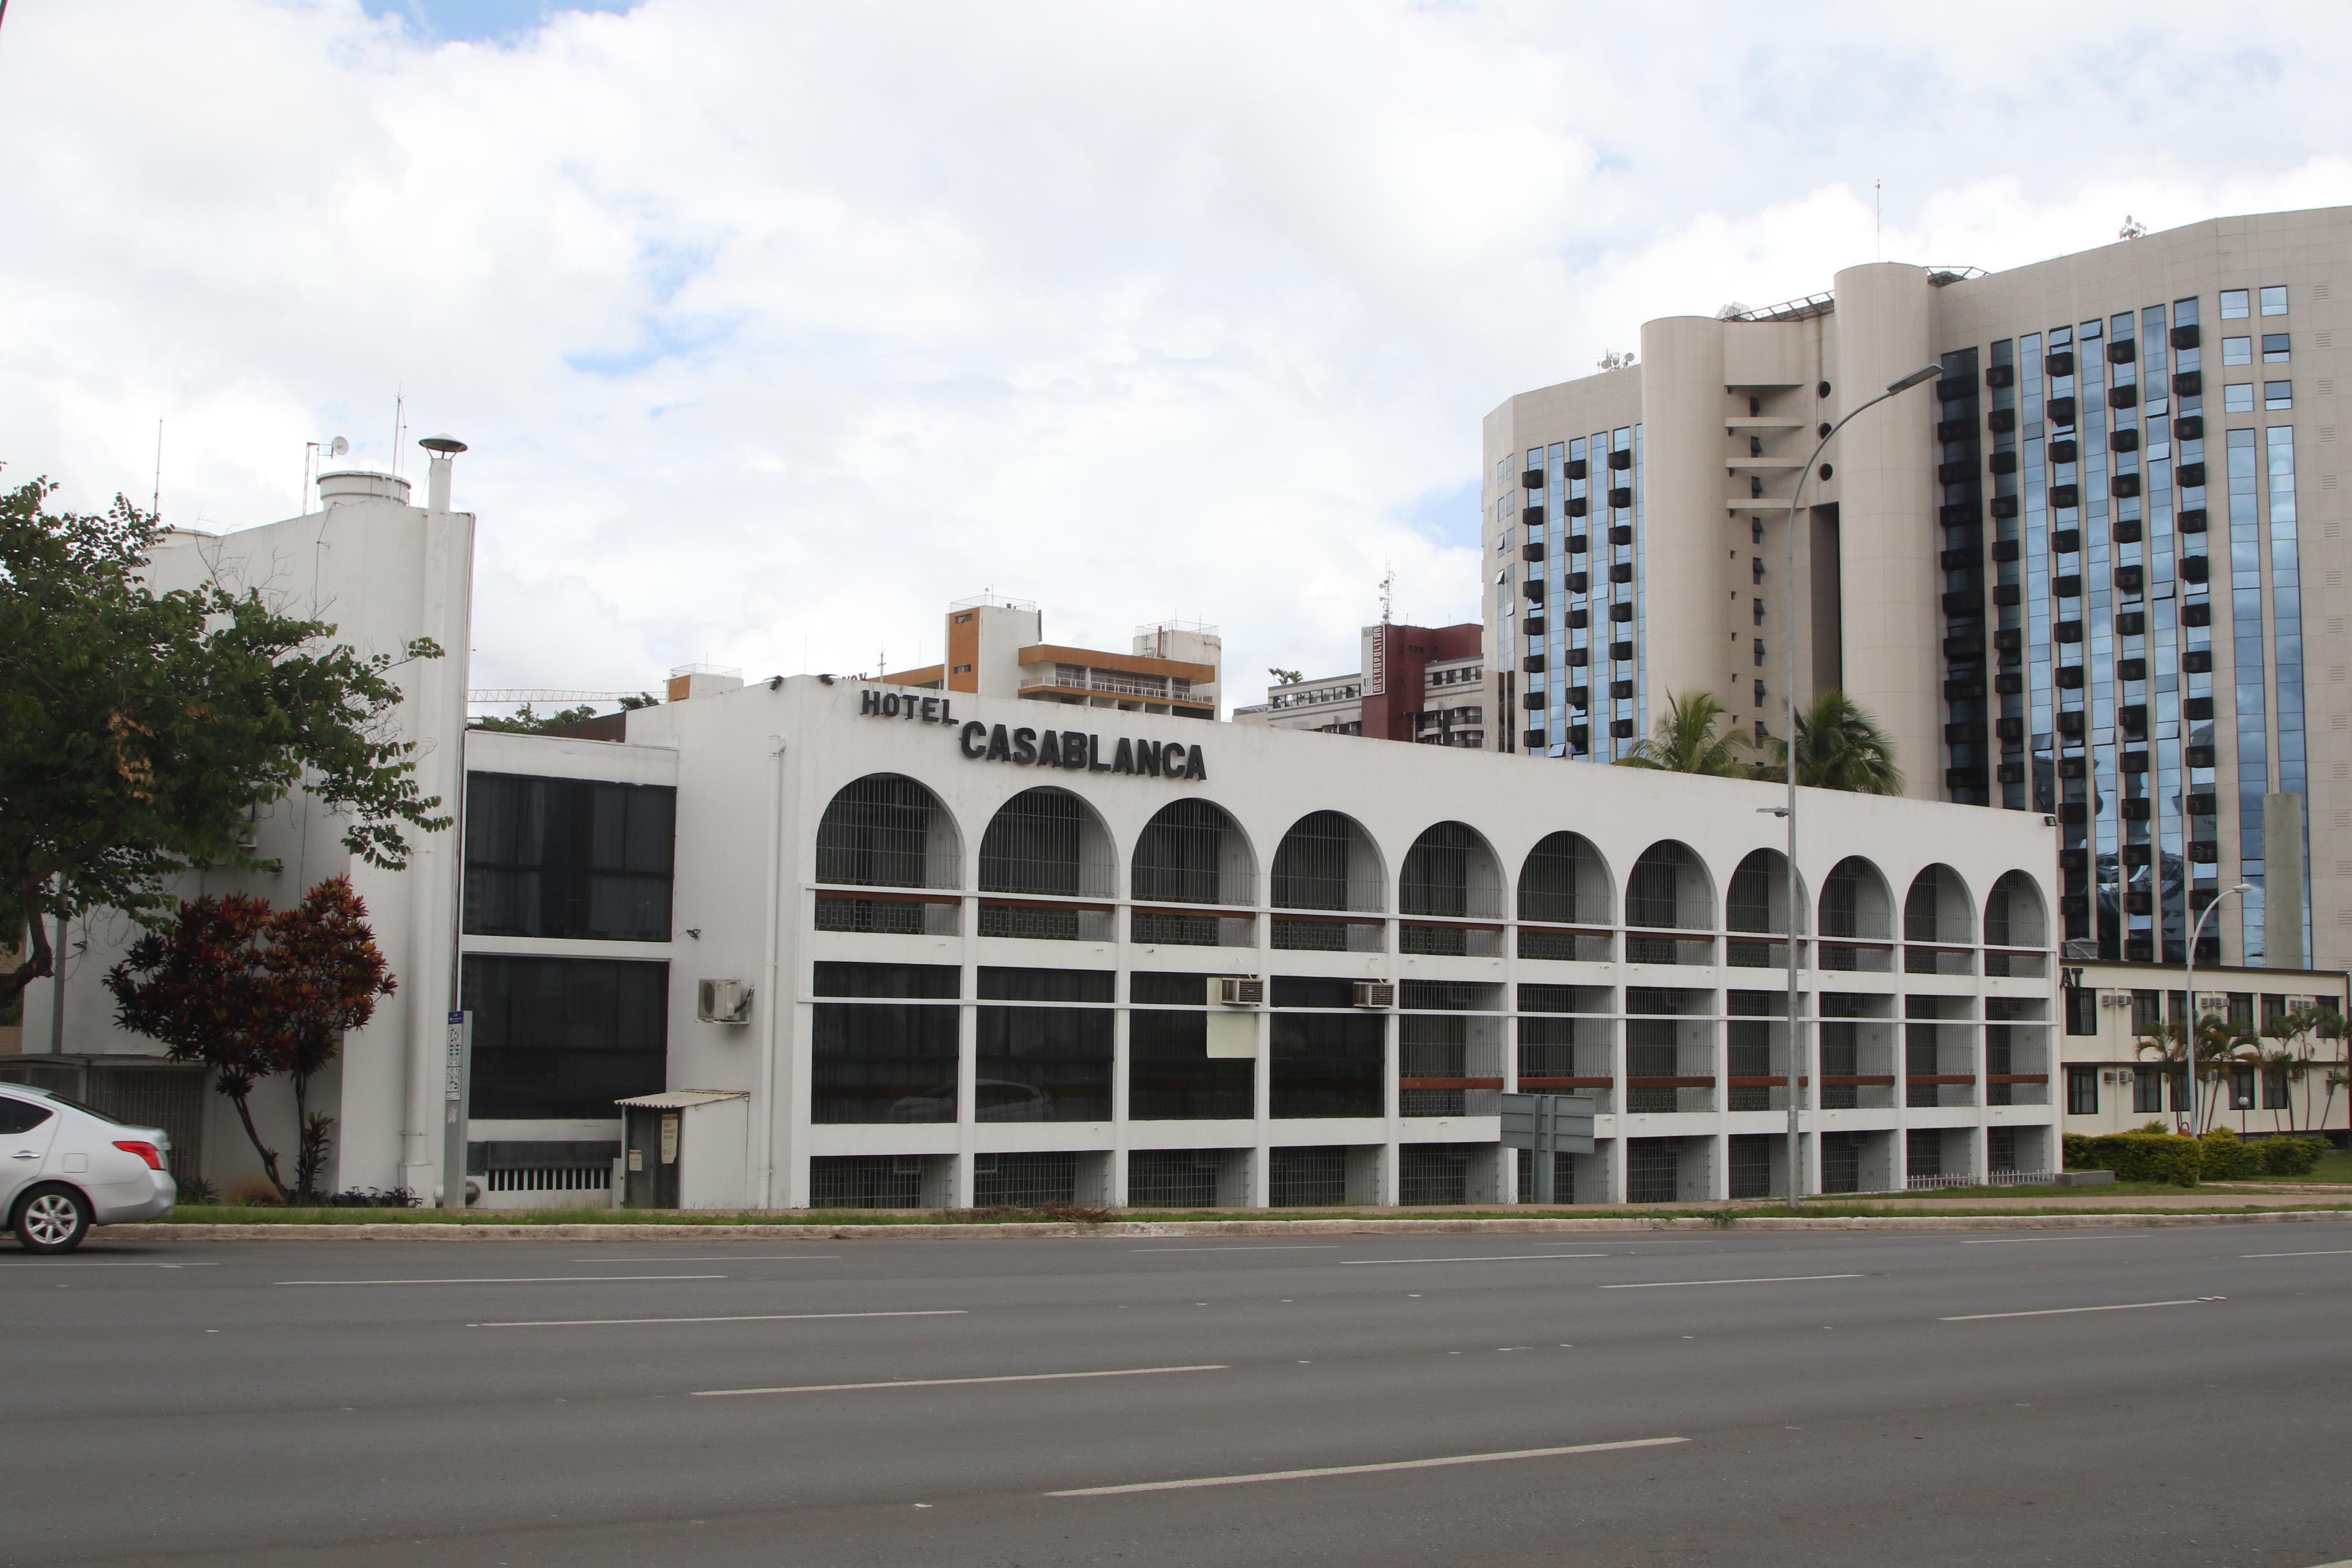 Hotel Casablanca-181